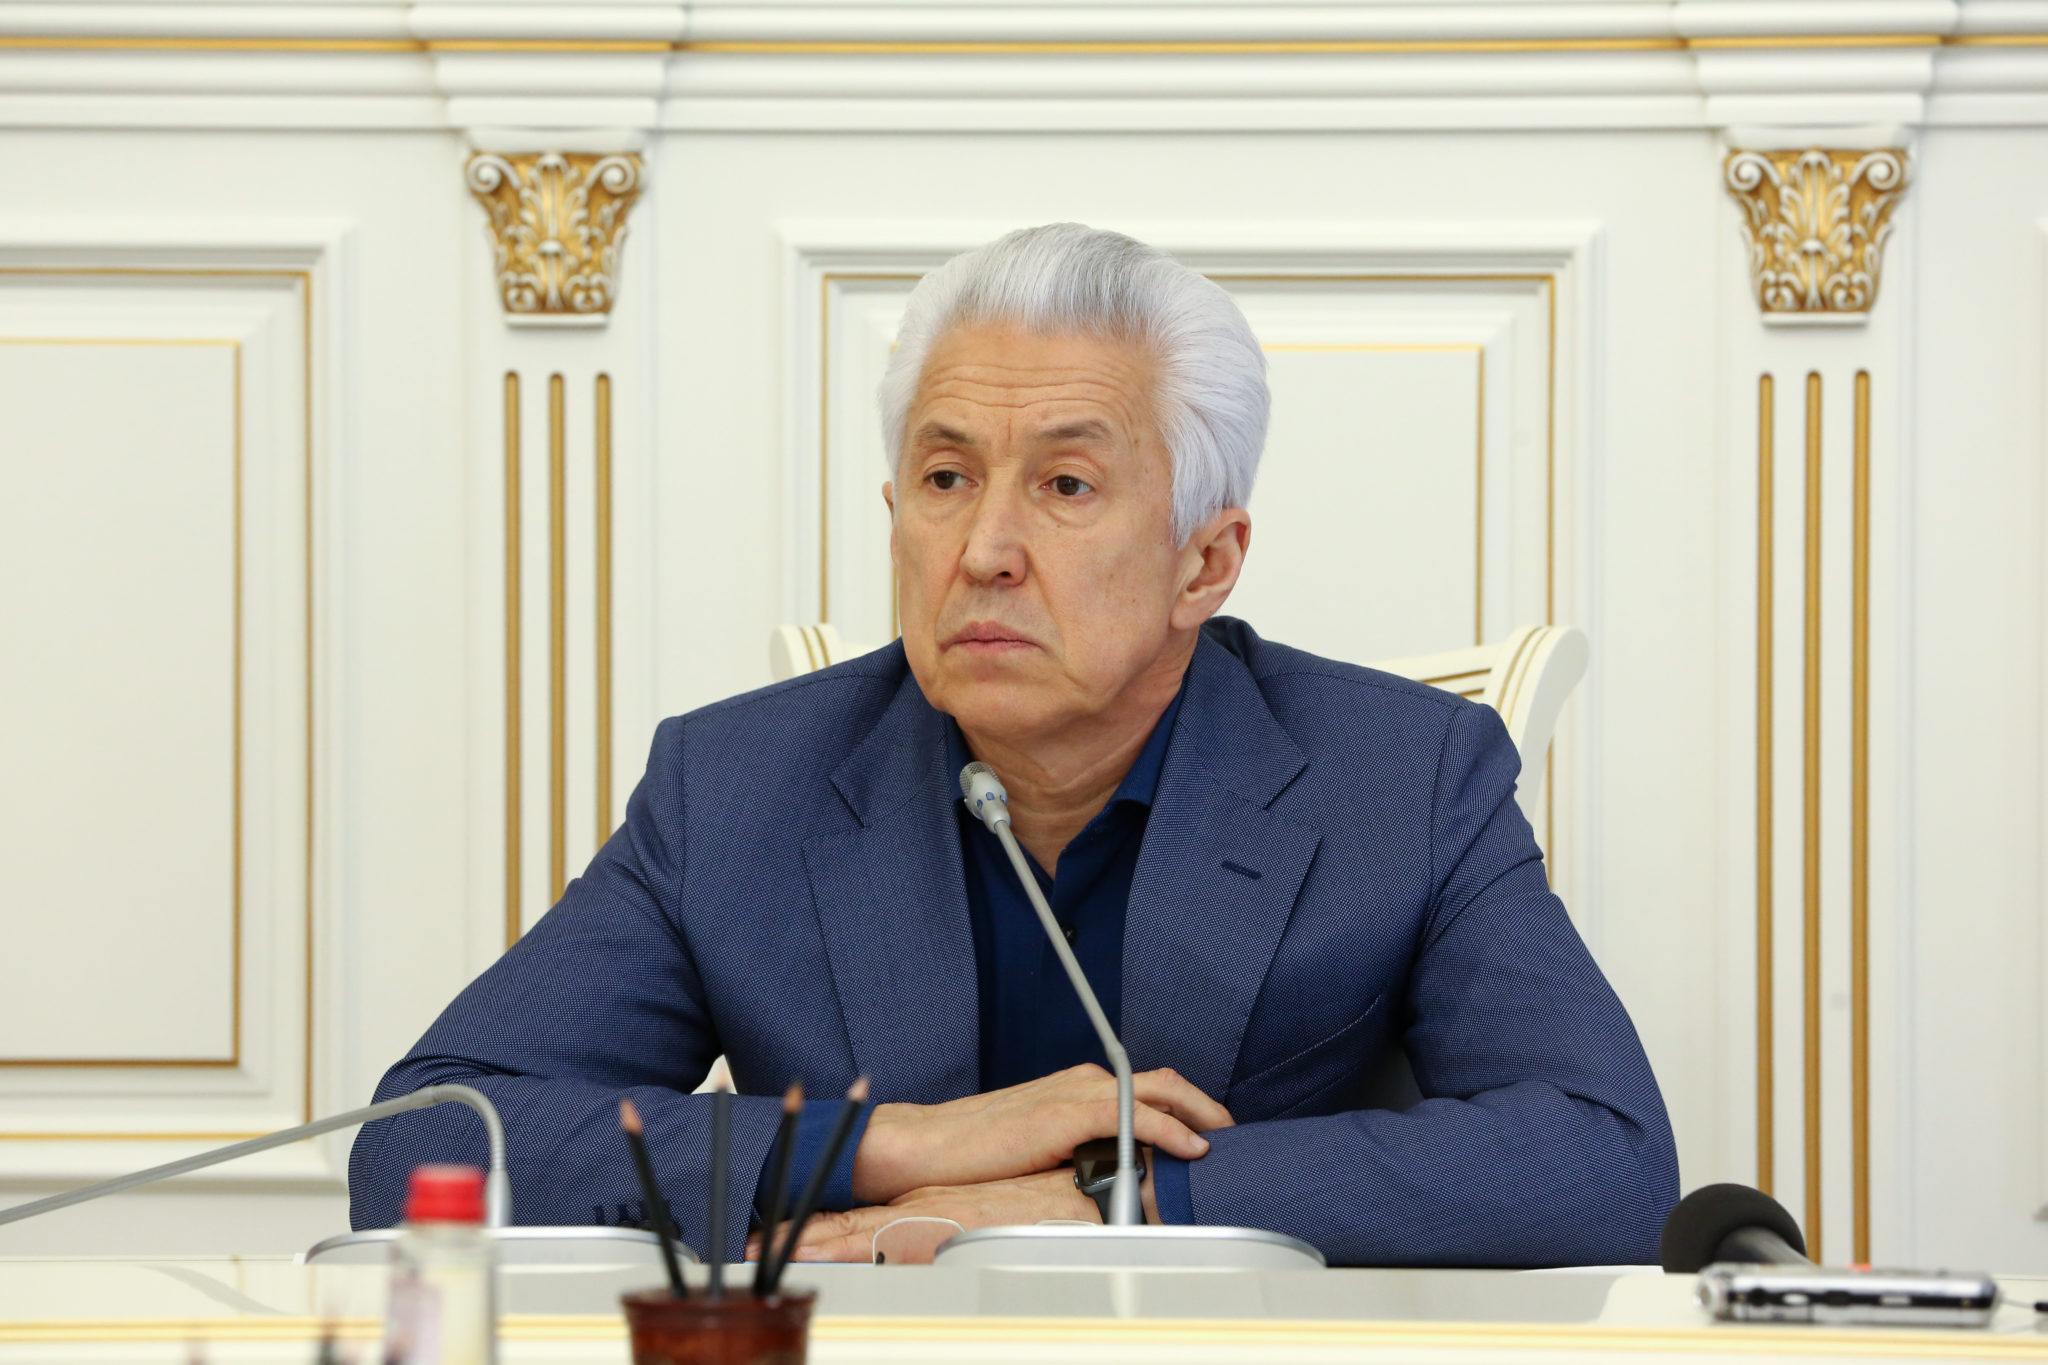 Дагестанцы должны больше платить налогов, считает Васильев